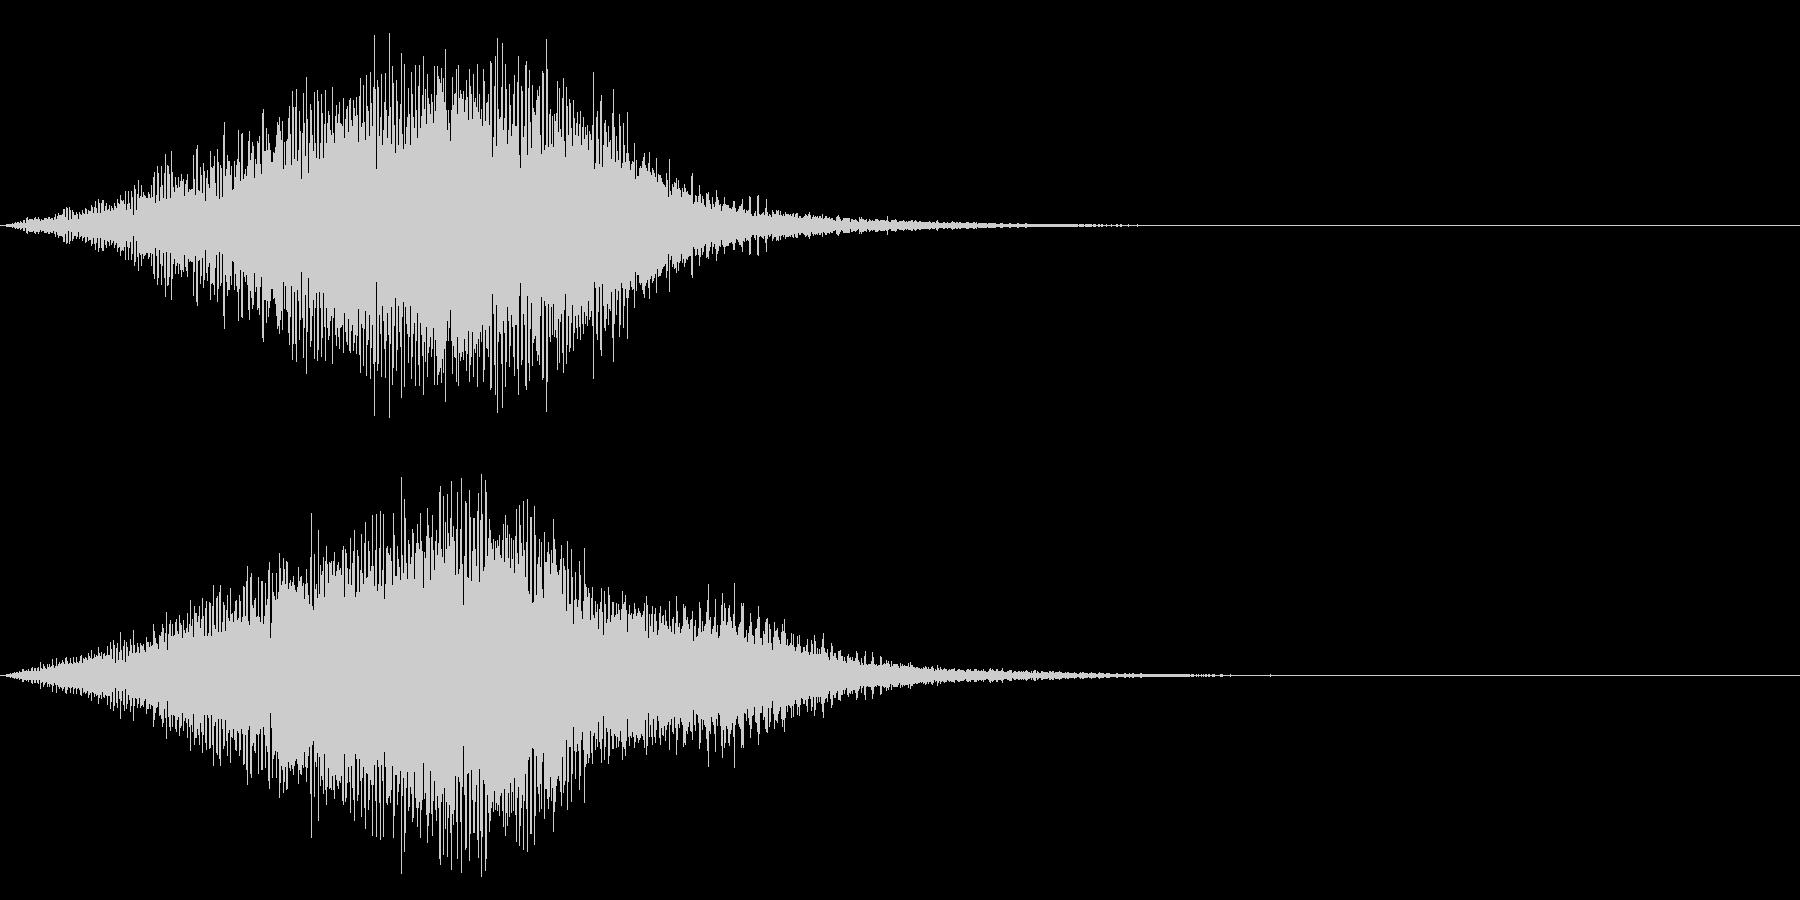 【昭和特撮風】化学反応/ワープの音 3の未再生の波形